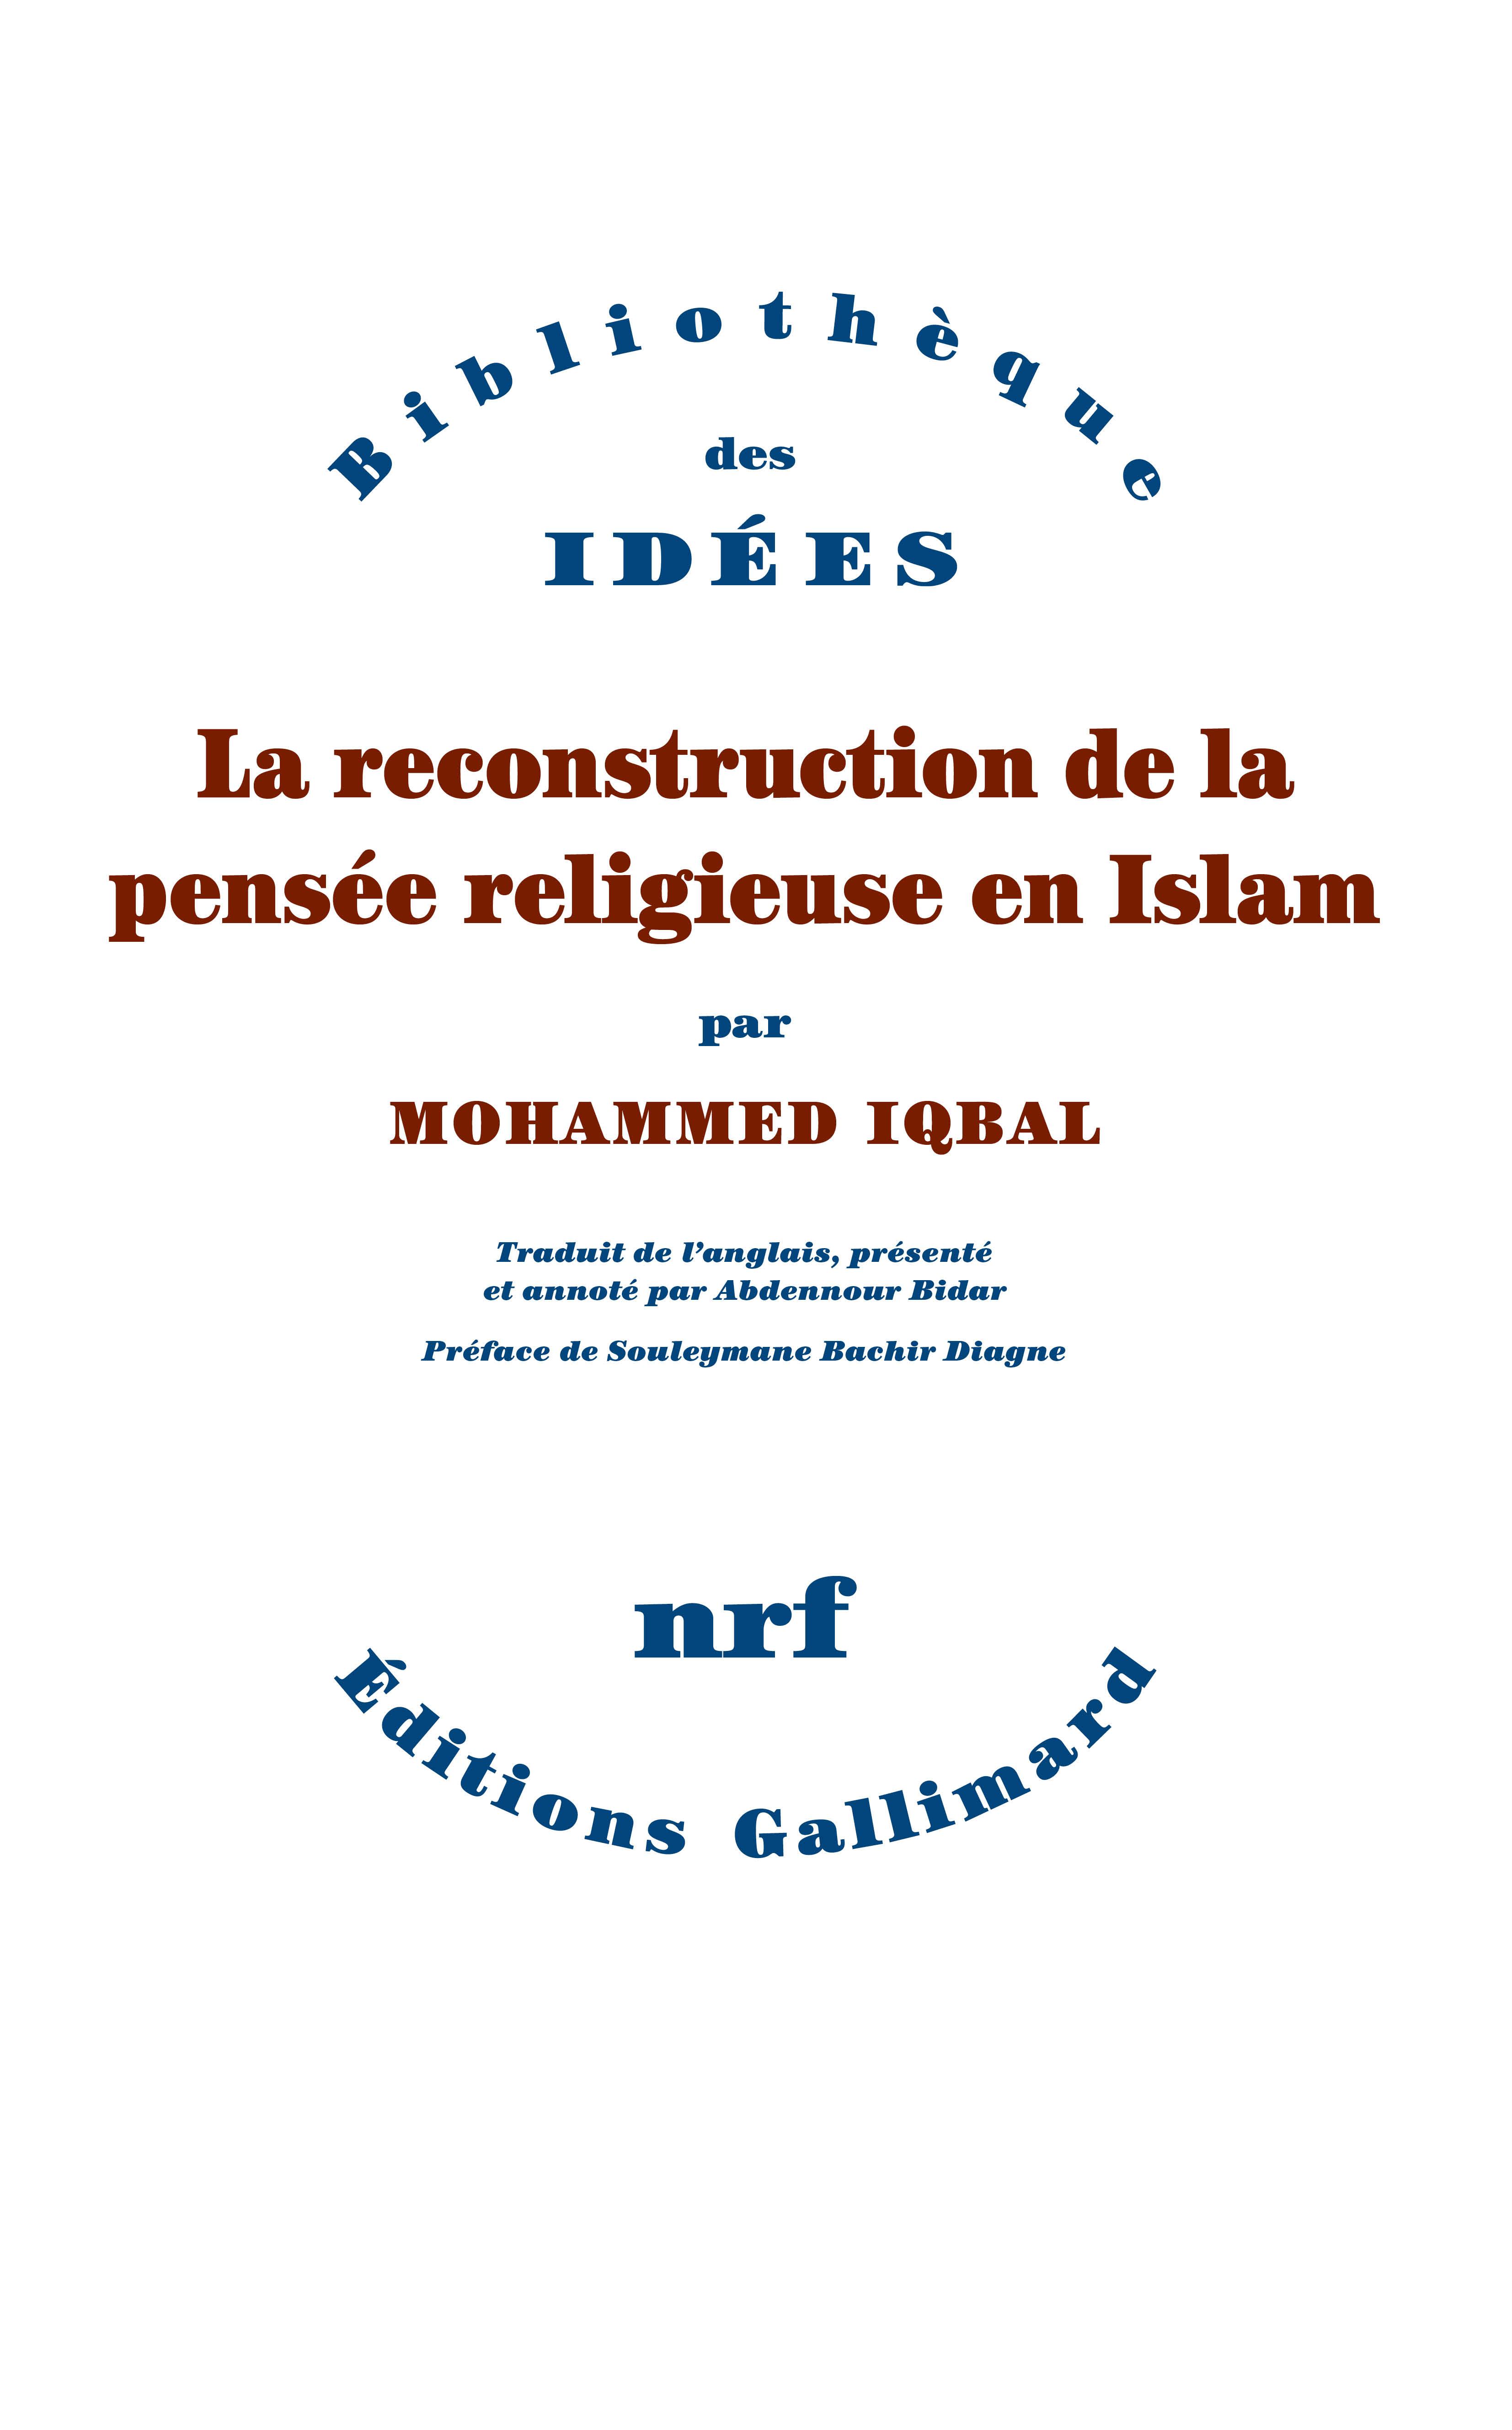 LA RECONSTRUCTION DE LA PENSEE RELIGIEUSE EN ISLAM